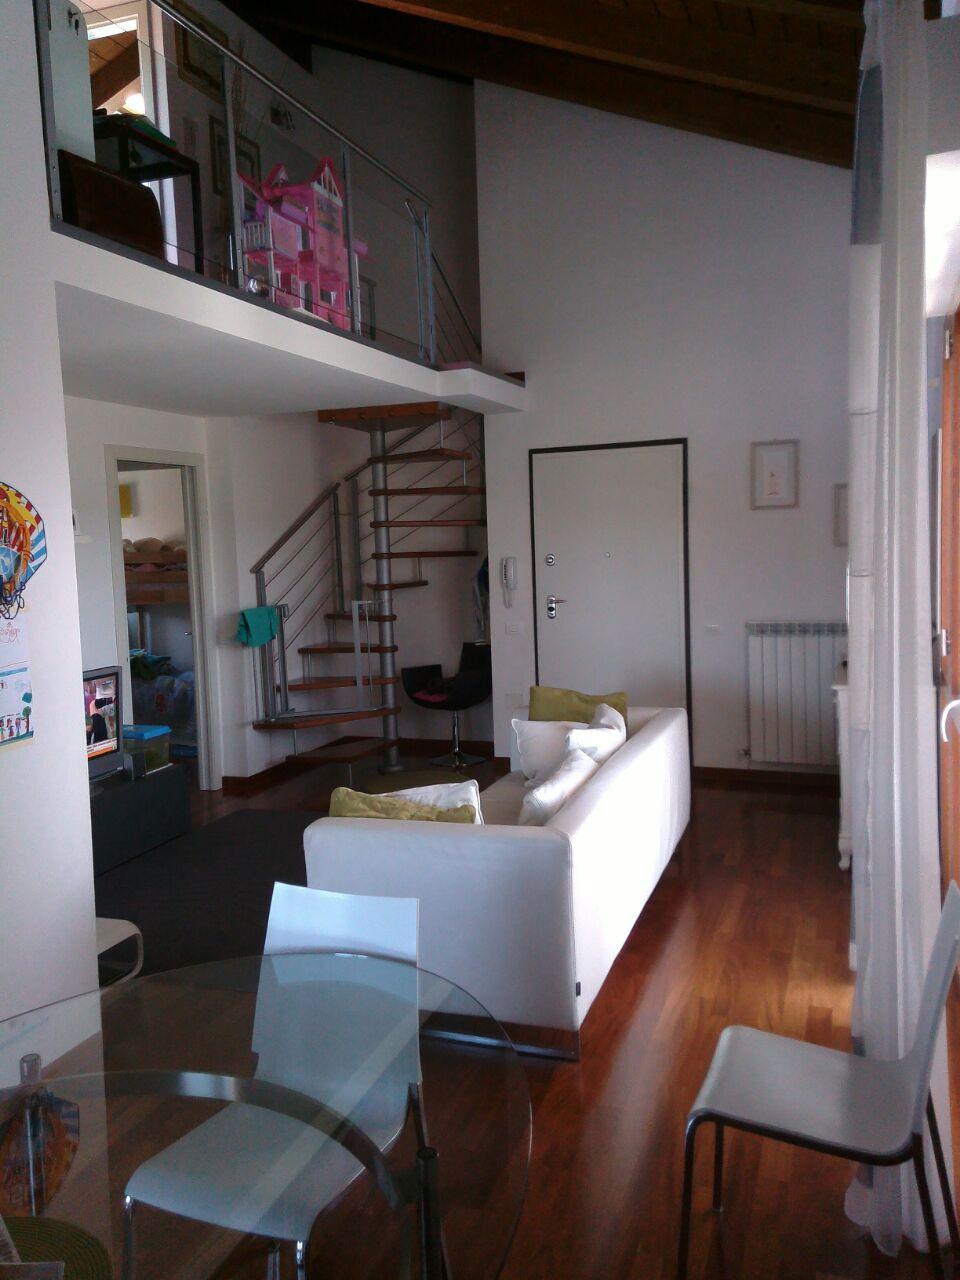 Vendita Senigallia  - Mq. 110  - euro 260000